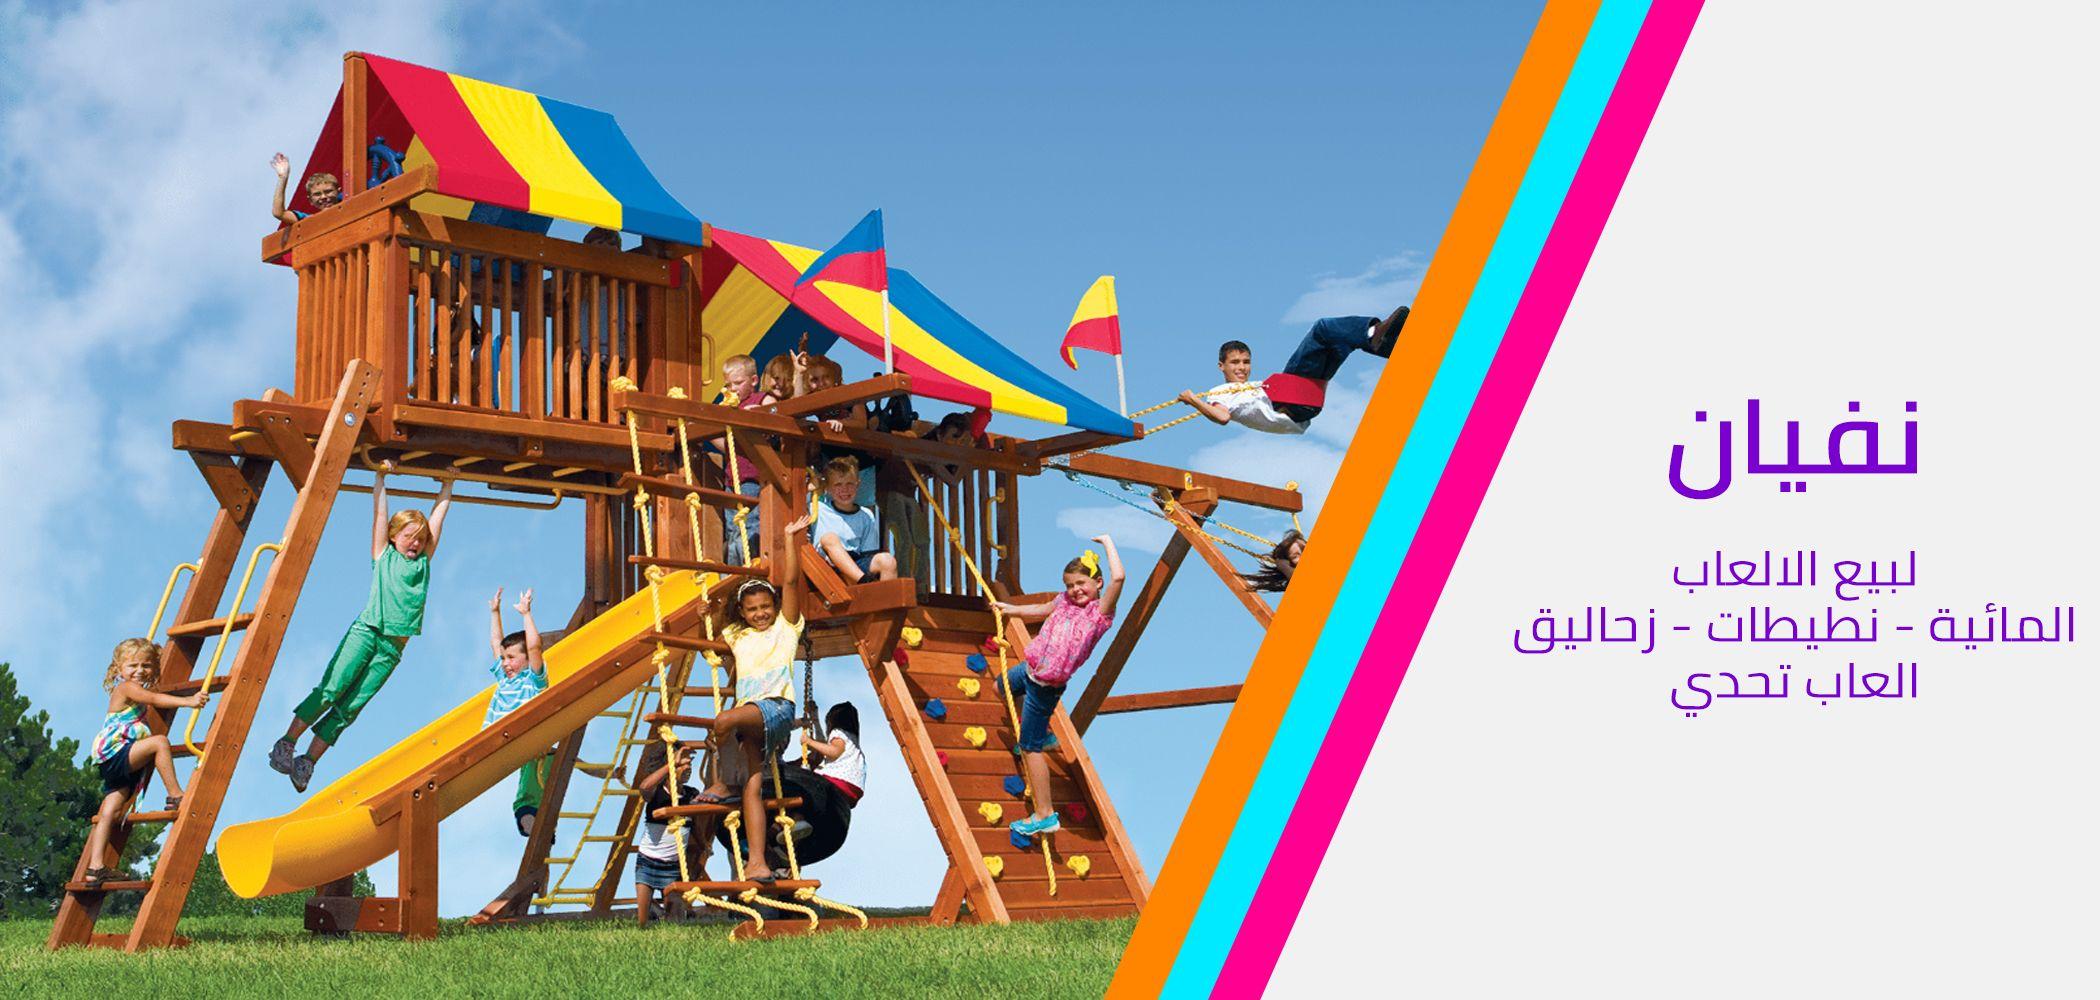 تأجير نطيطات بالرياض Park Slide Park Fair Grounds